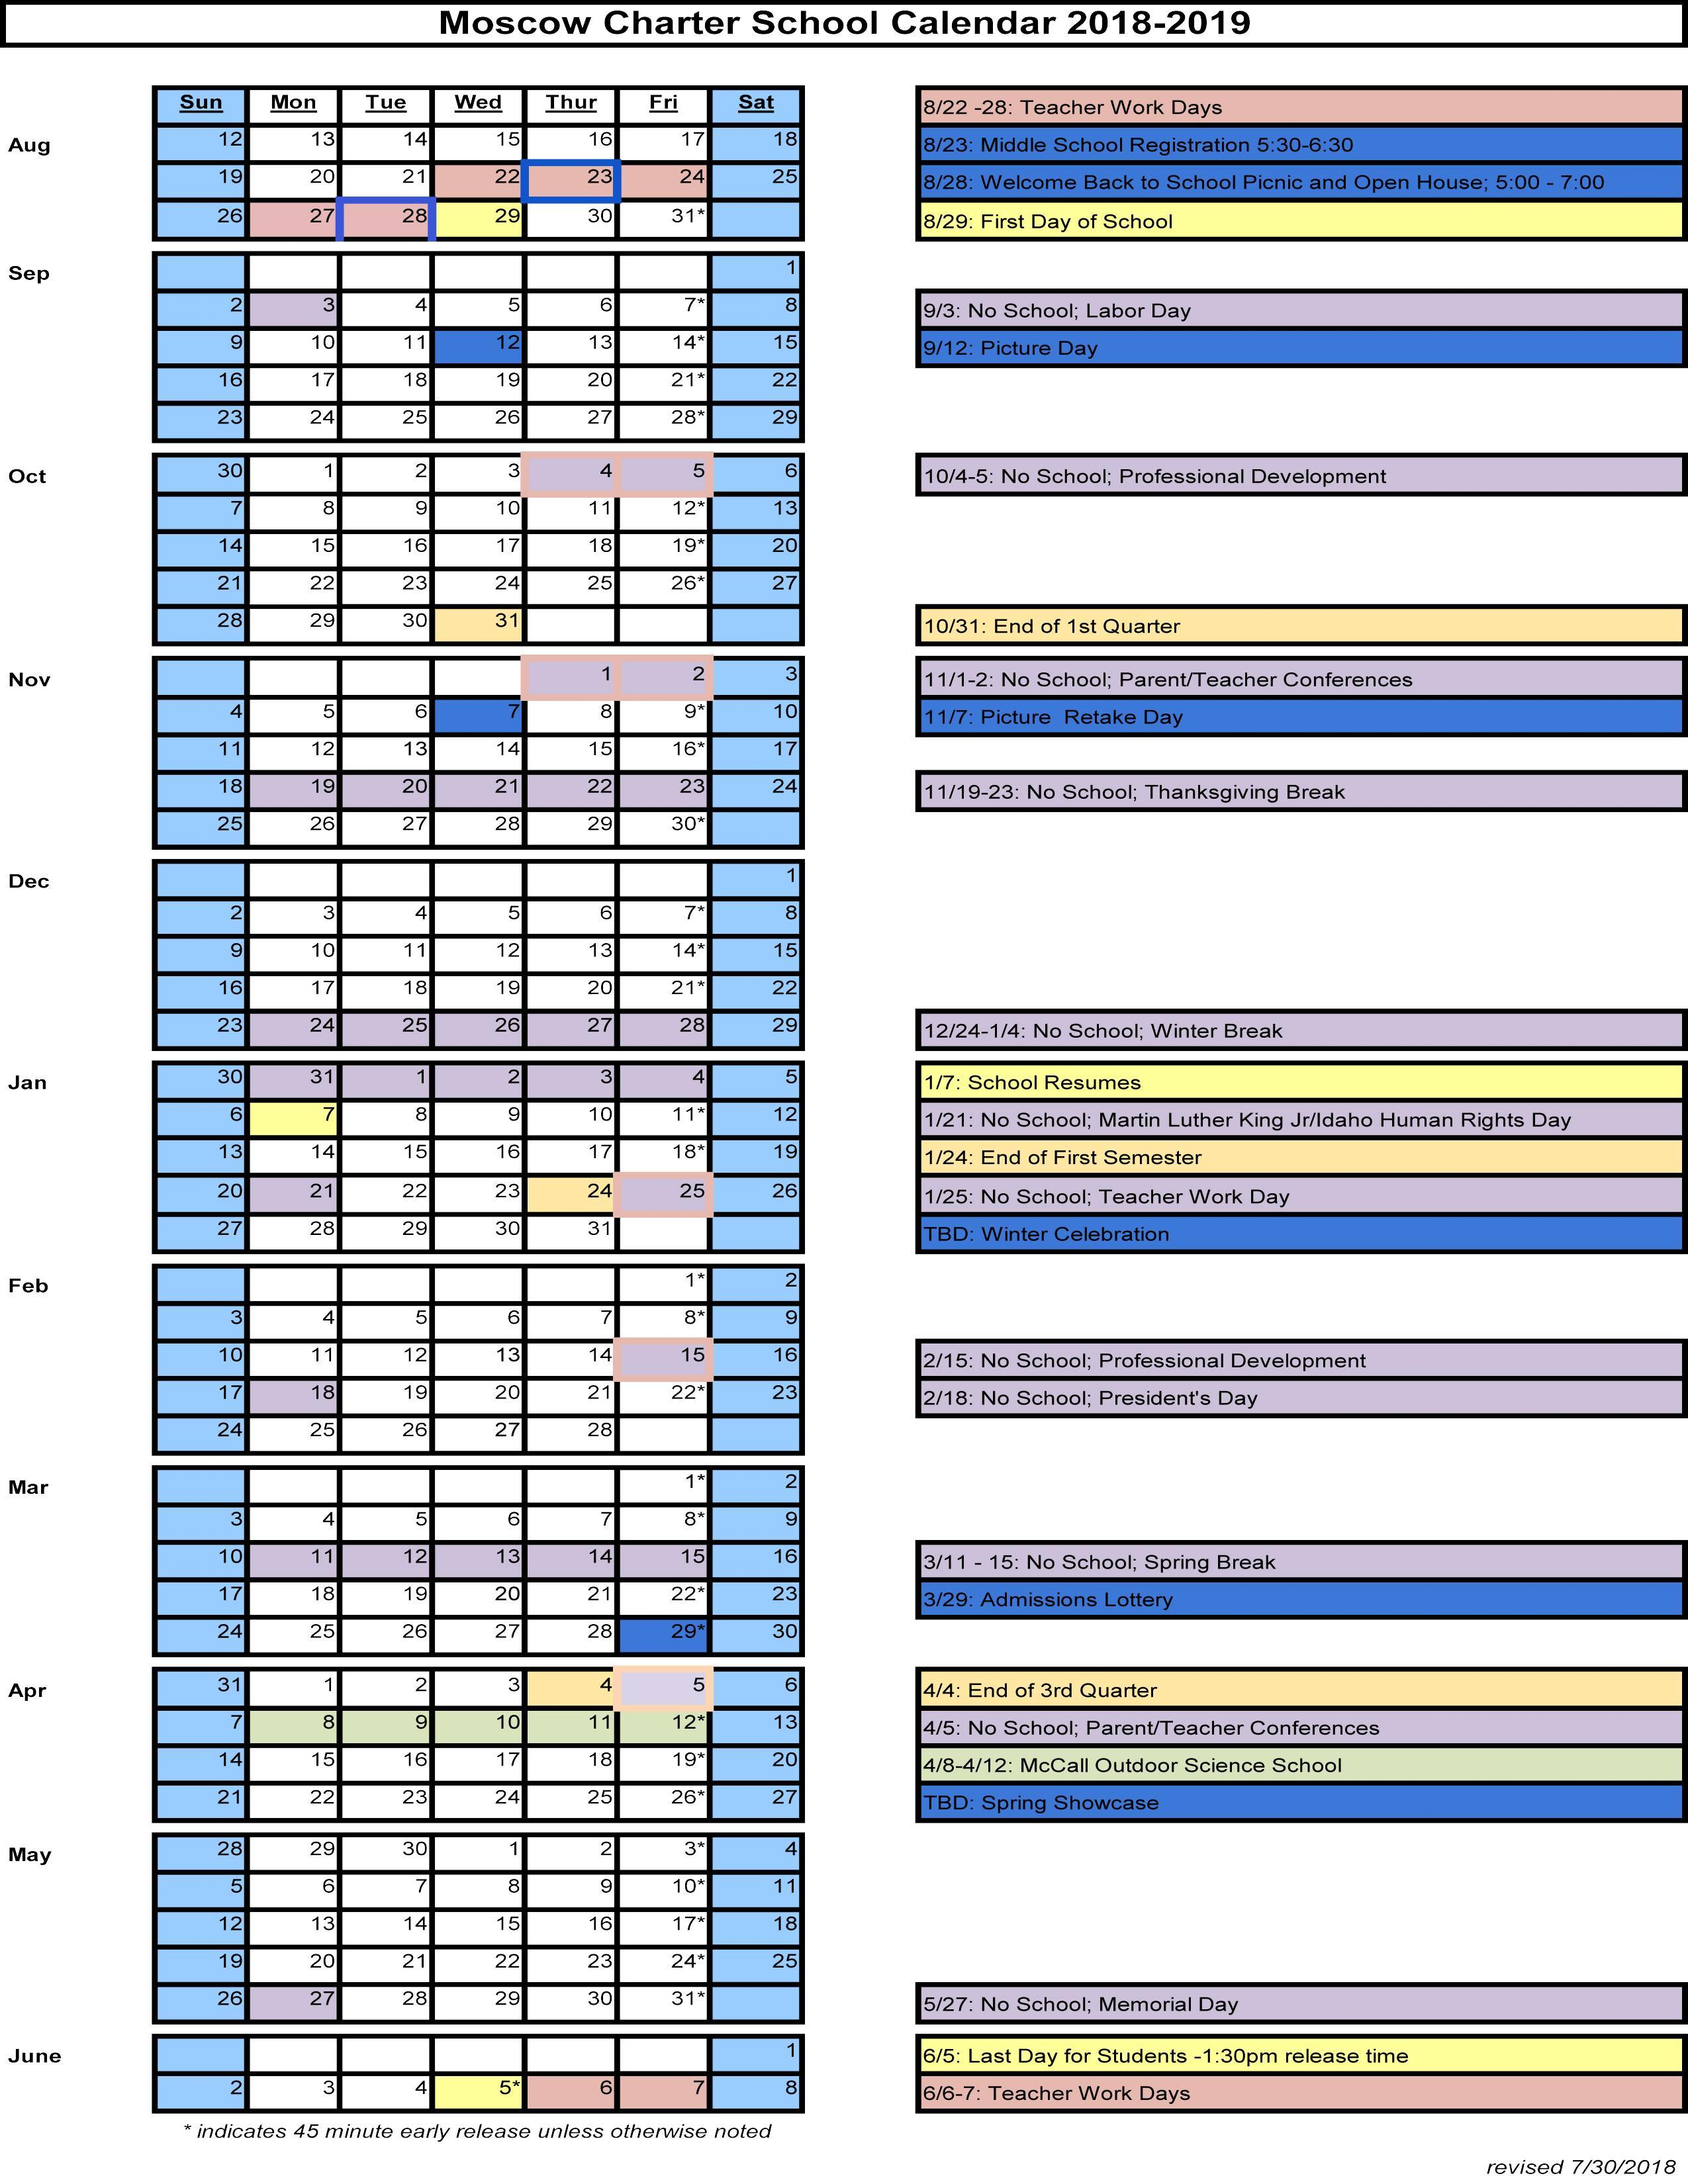 Moscow Charter School 2018-2019 Calendar